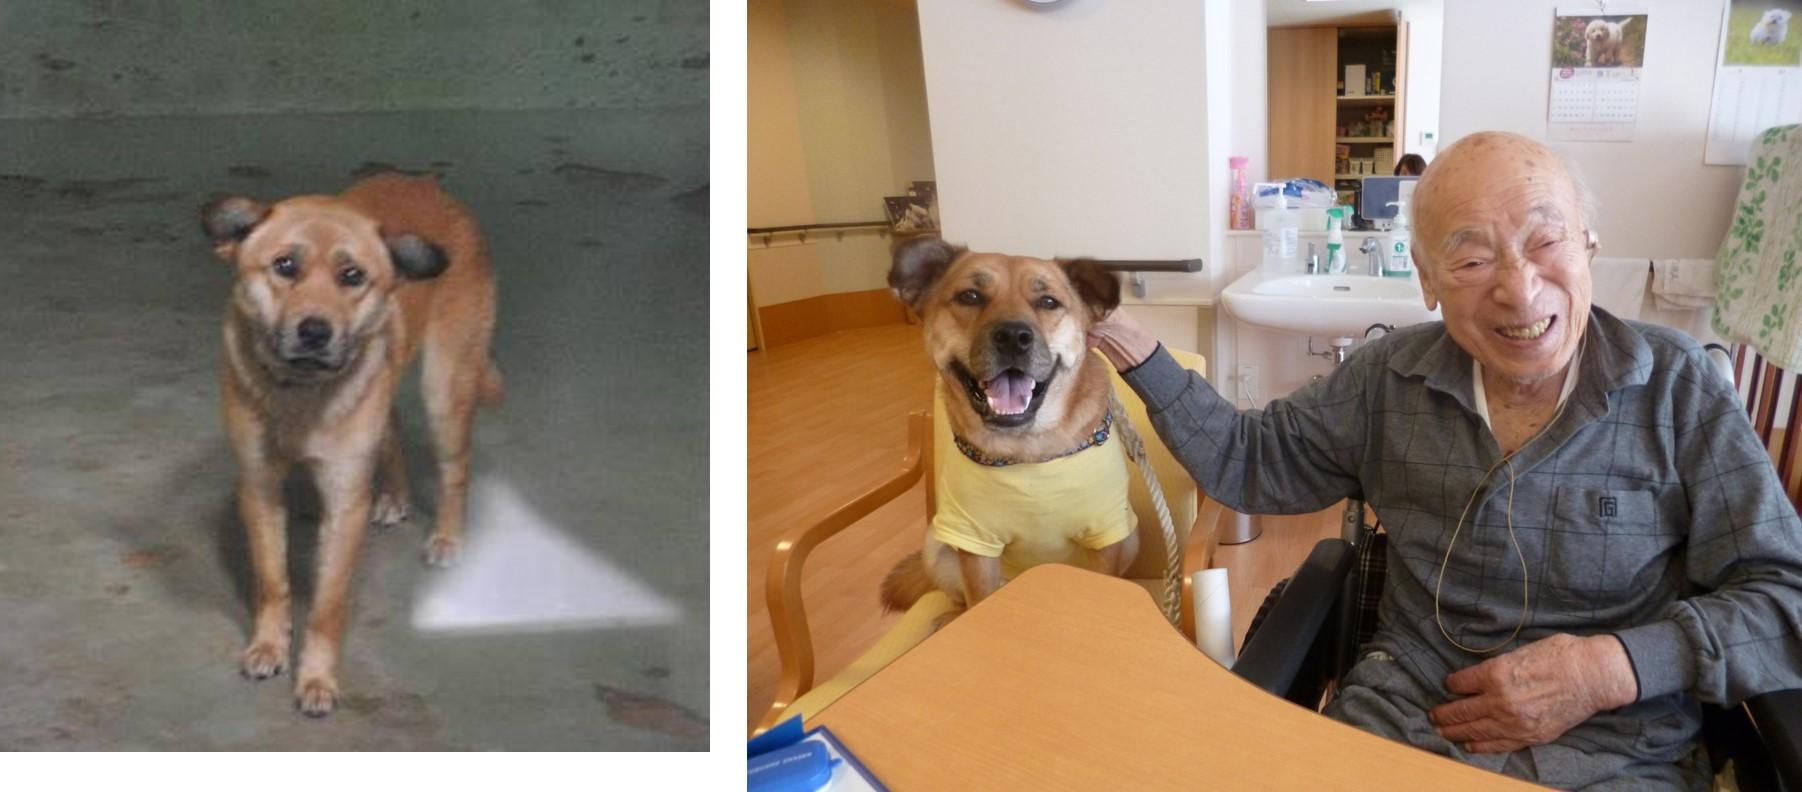 保健所でがりがりだった文福は山科に引き取られた今では幸せそうな表情を浮かべる